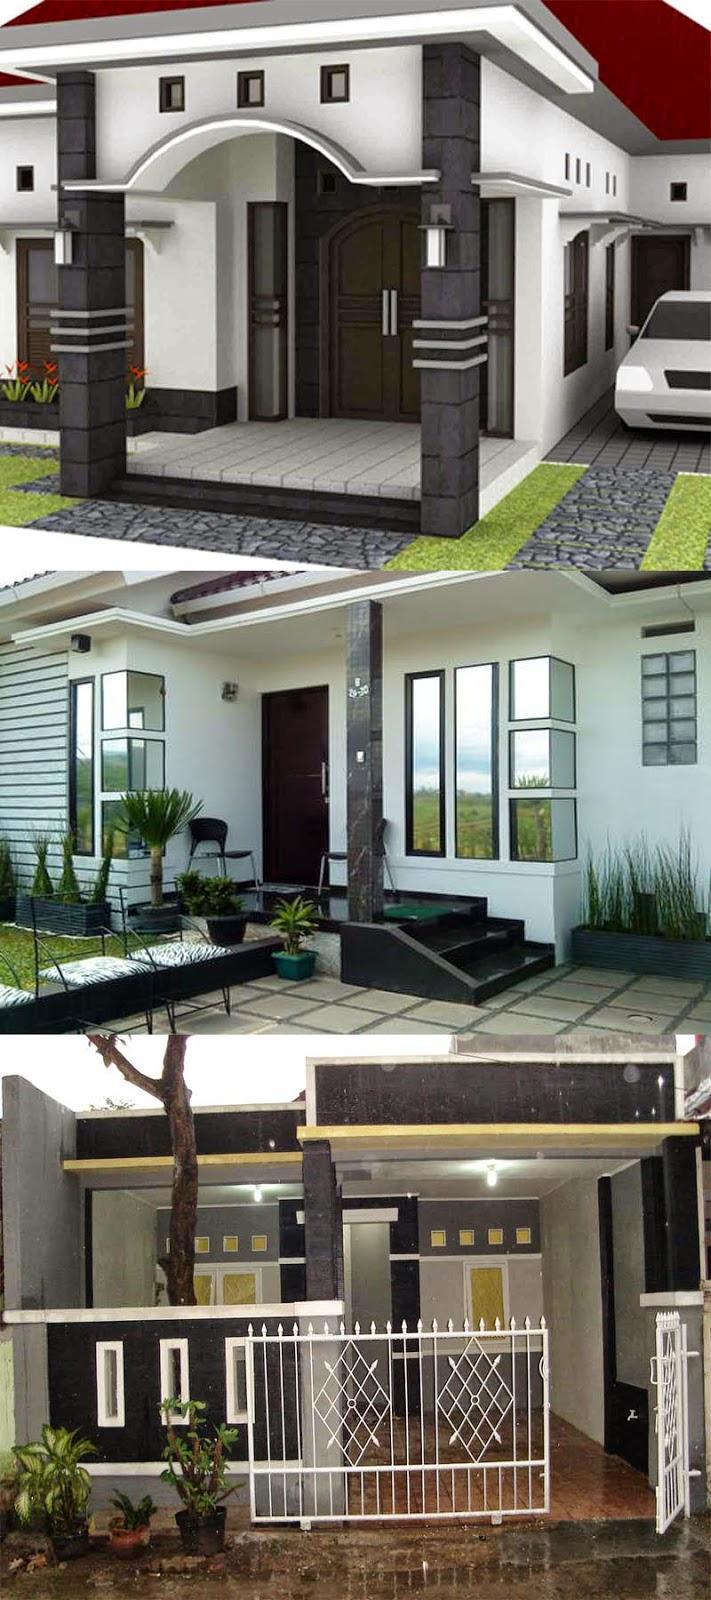 Kumpulan Desain Rumah Minimalis Modern Contoh Model Teras Rumah